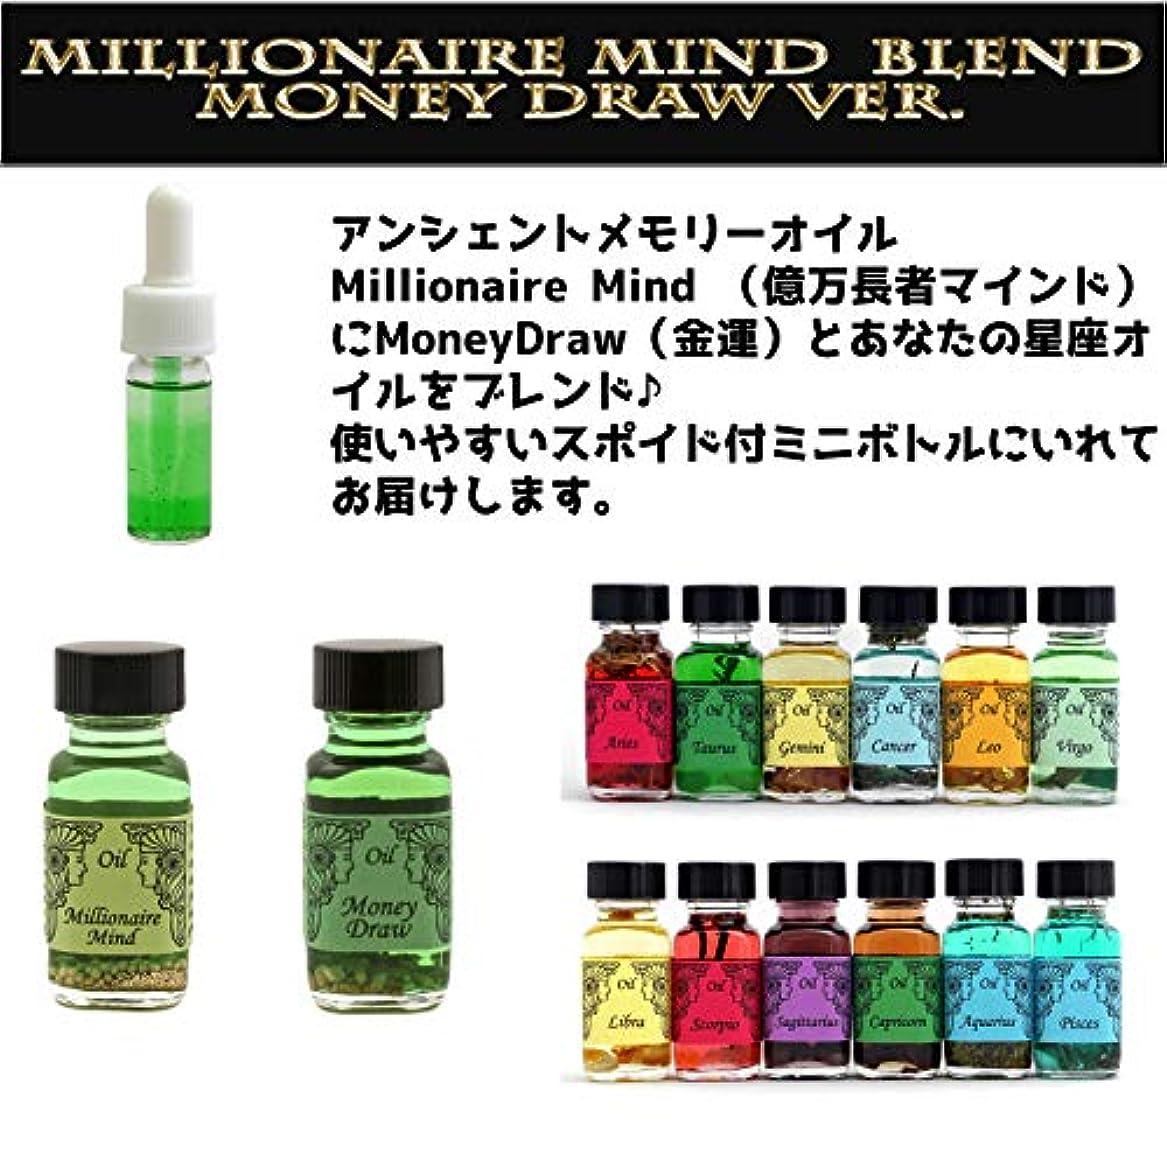 原告報酬宇宙のアンシェントメモリーオイル Millionaire Mind 億万長者マインド ブレンド(Money Drawマネードロー(金運)&うお座